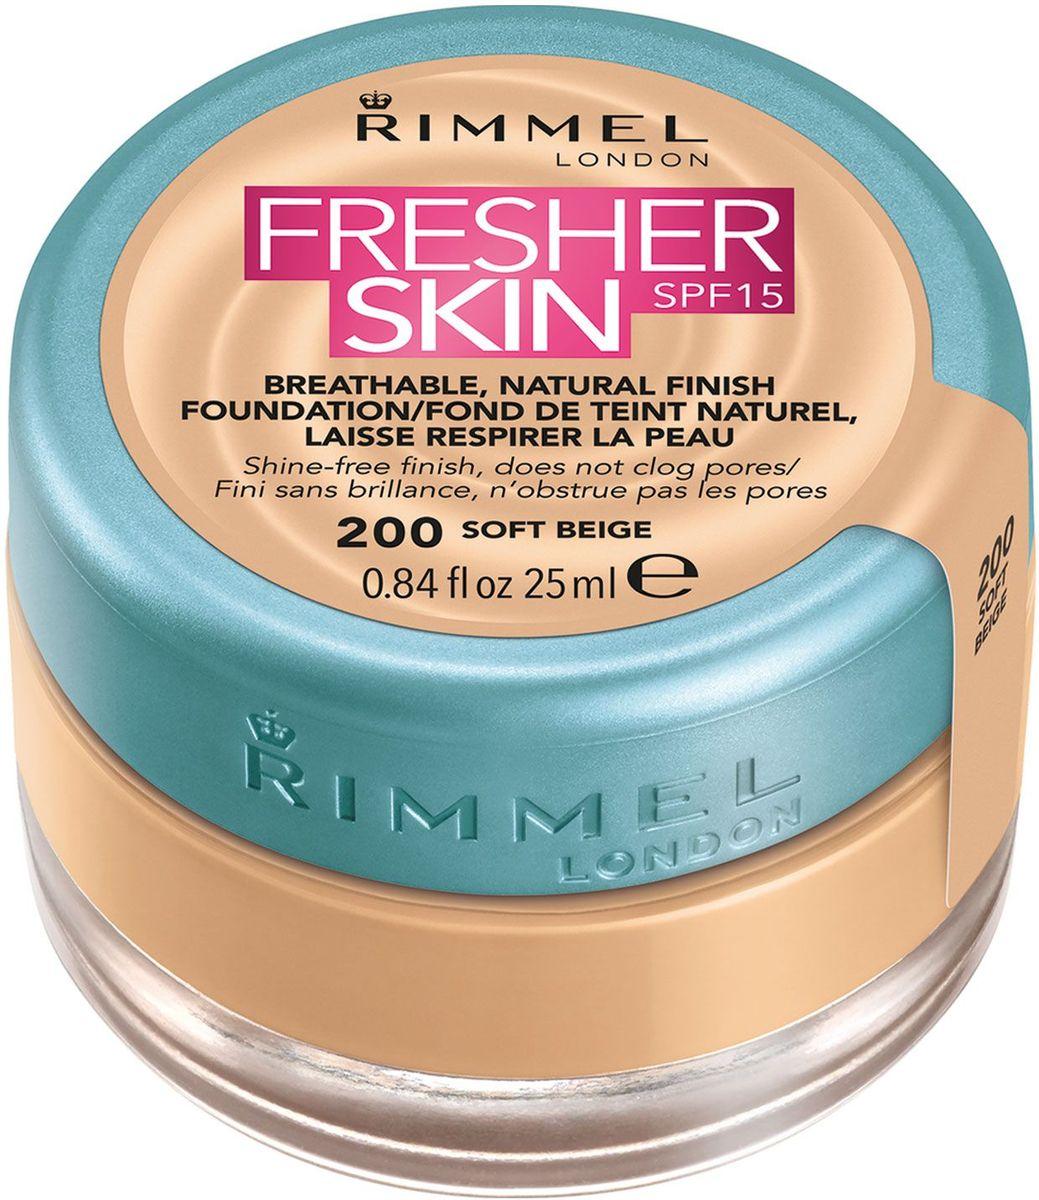 Rimmel Тональный крем Fresher Skin, тон № 200, 25 мл rimmel тональный крем fresher skin 201 25 мл